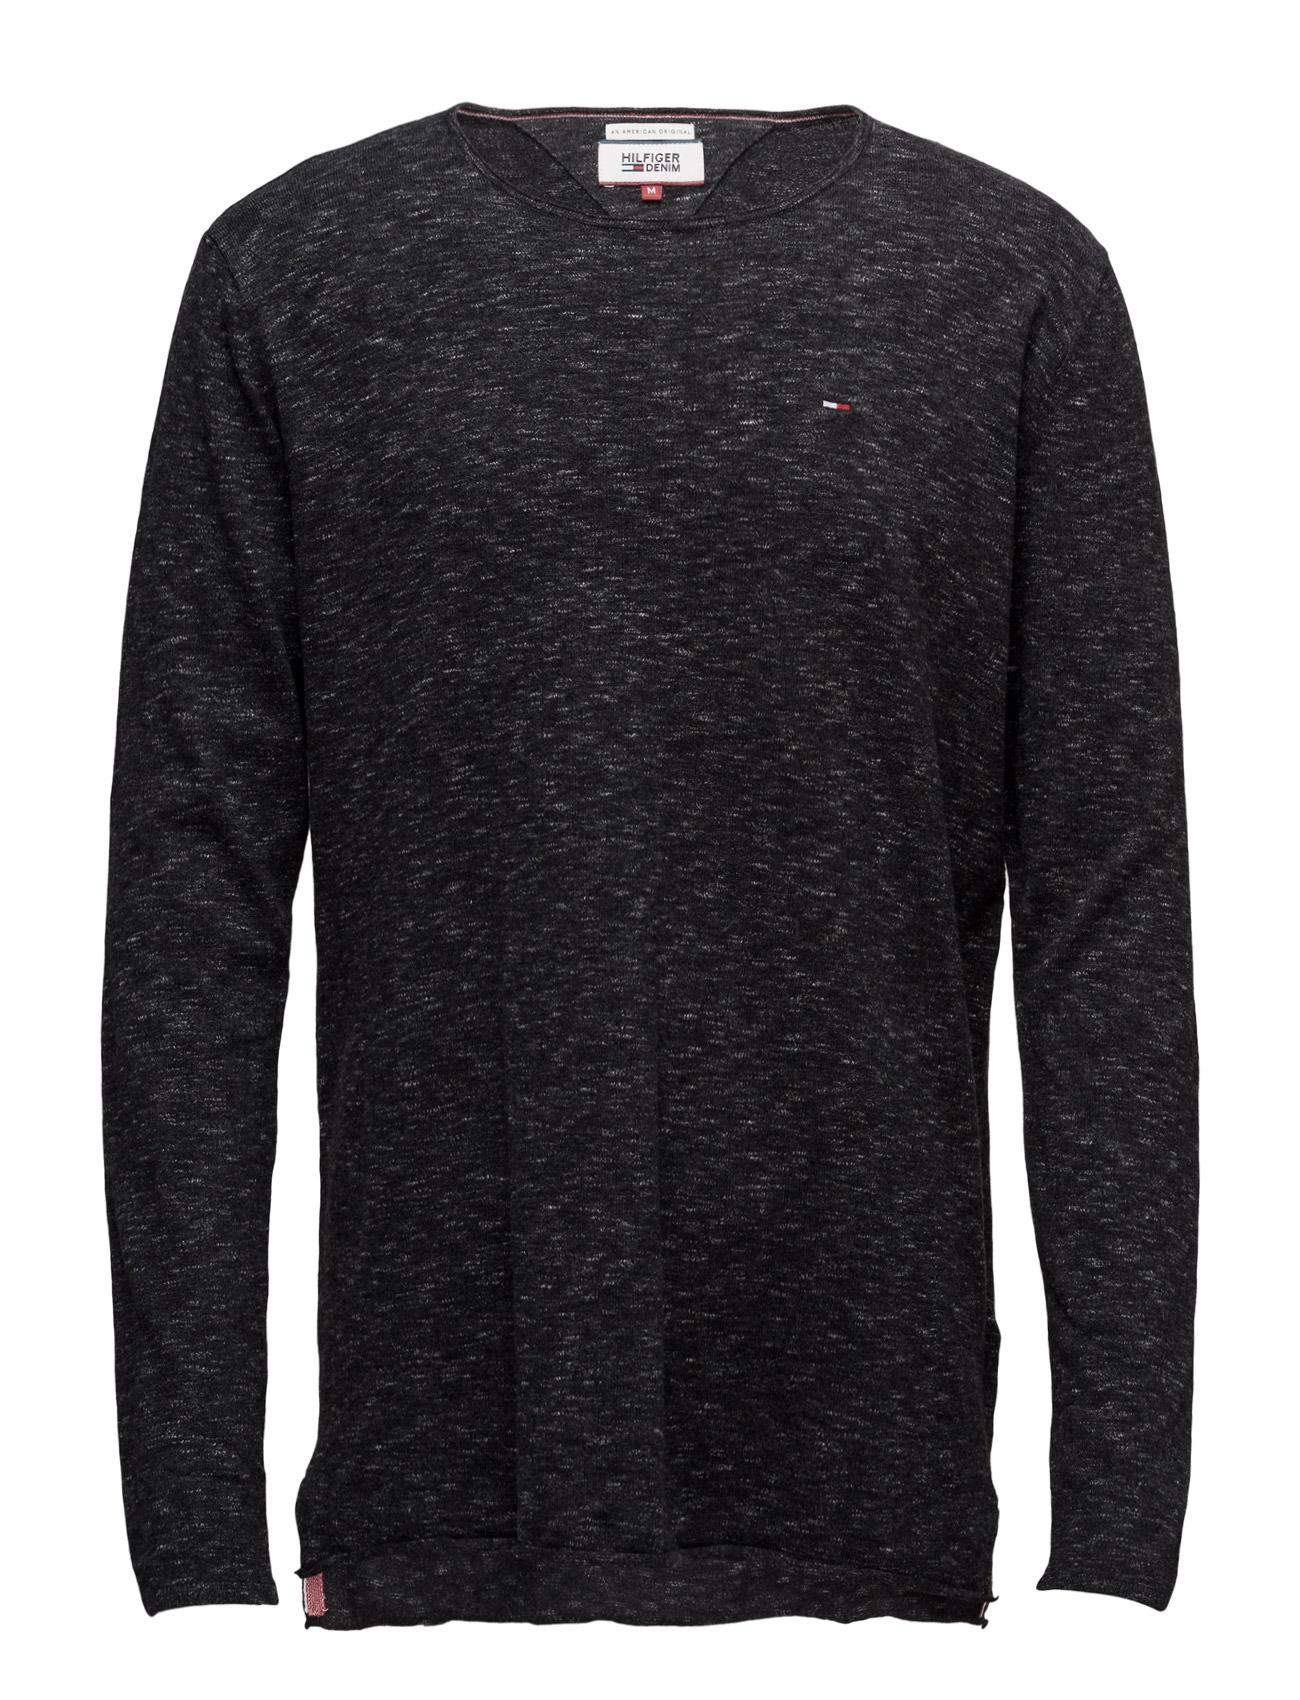 Thdm Cn Sweater L/S 5 Hilfiger Denim Rundhalsede til Mænd i Sort